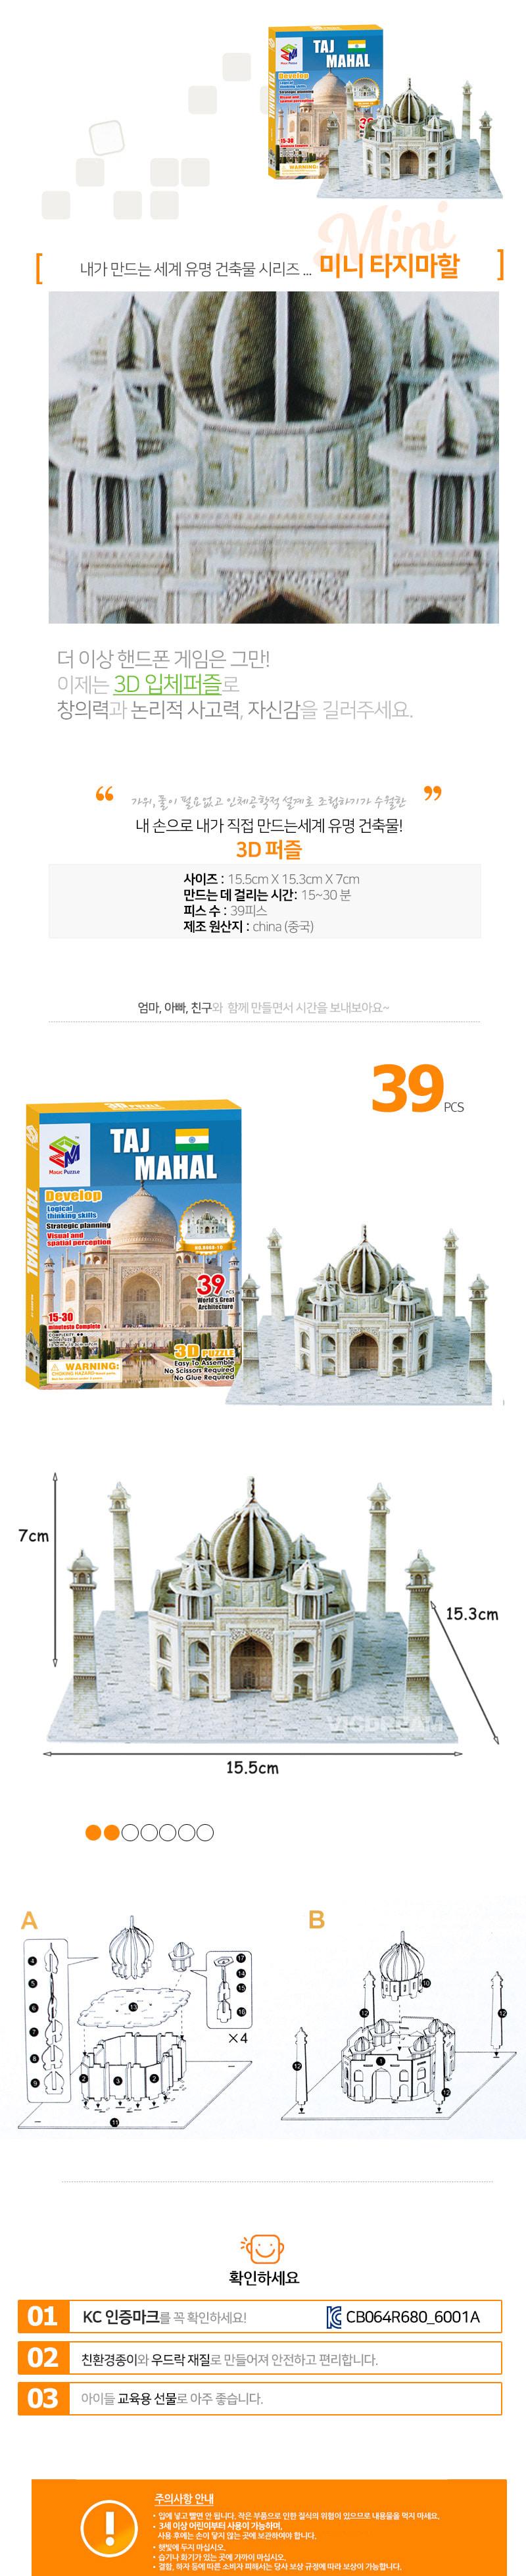 (초급) 타지마할(39pcs) 세계 유명 건축물 시리즈 - 빅드림, 2,610원, 조각/퍼즐, 3D입체퍼즐